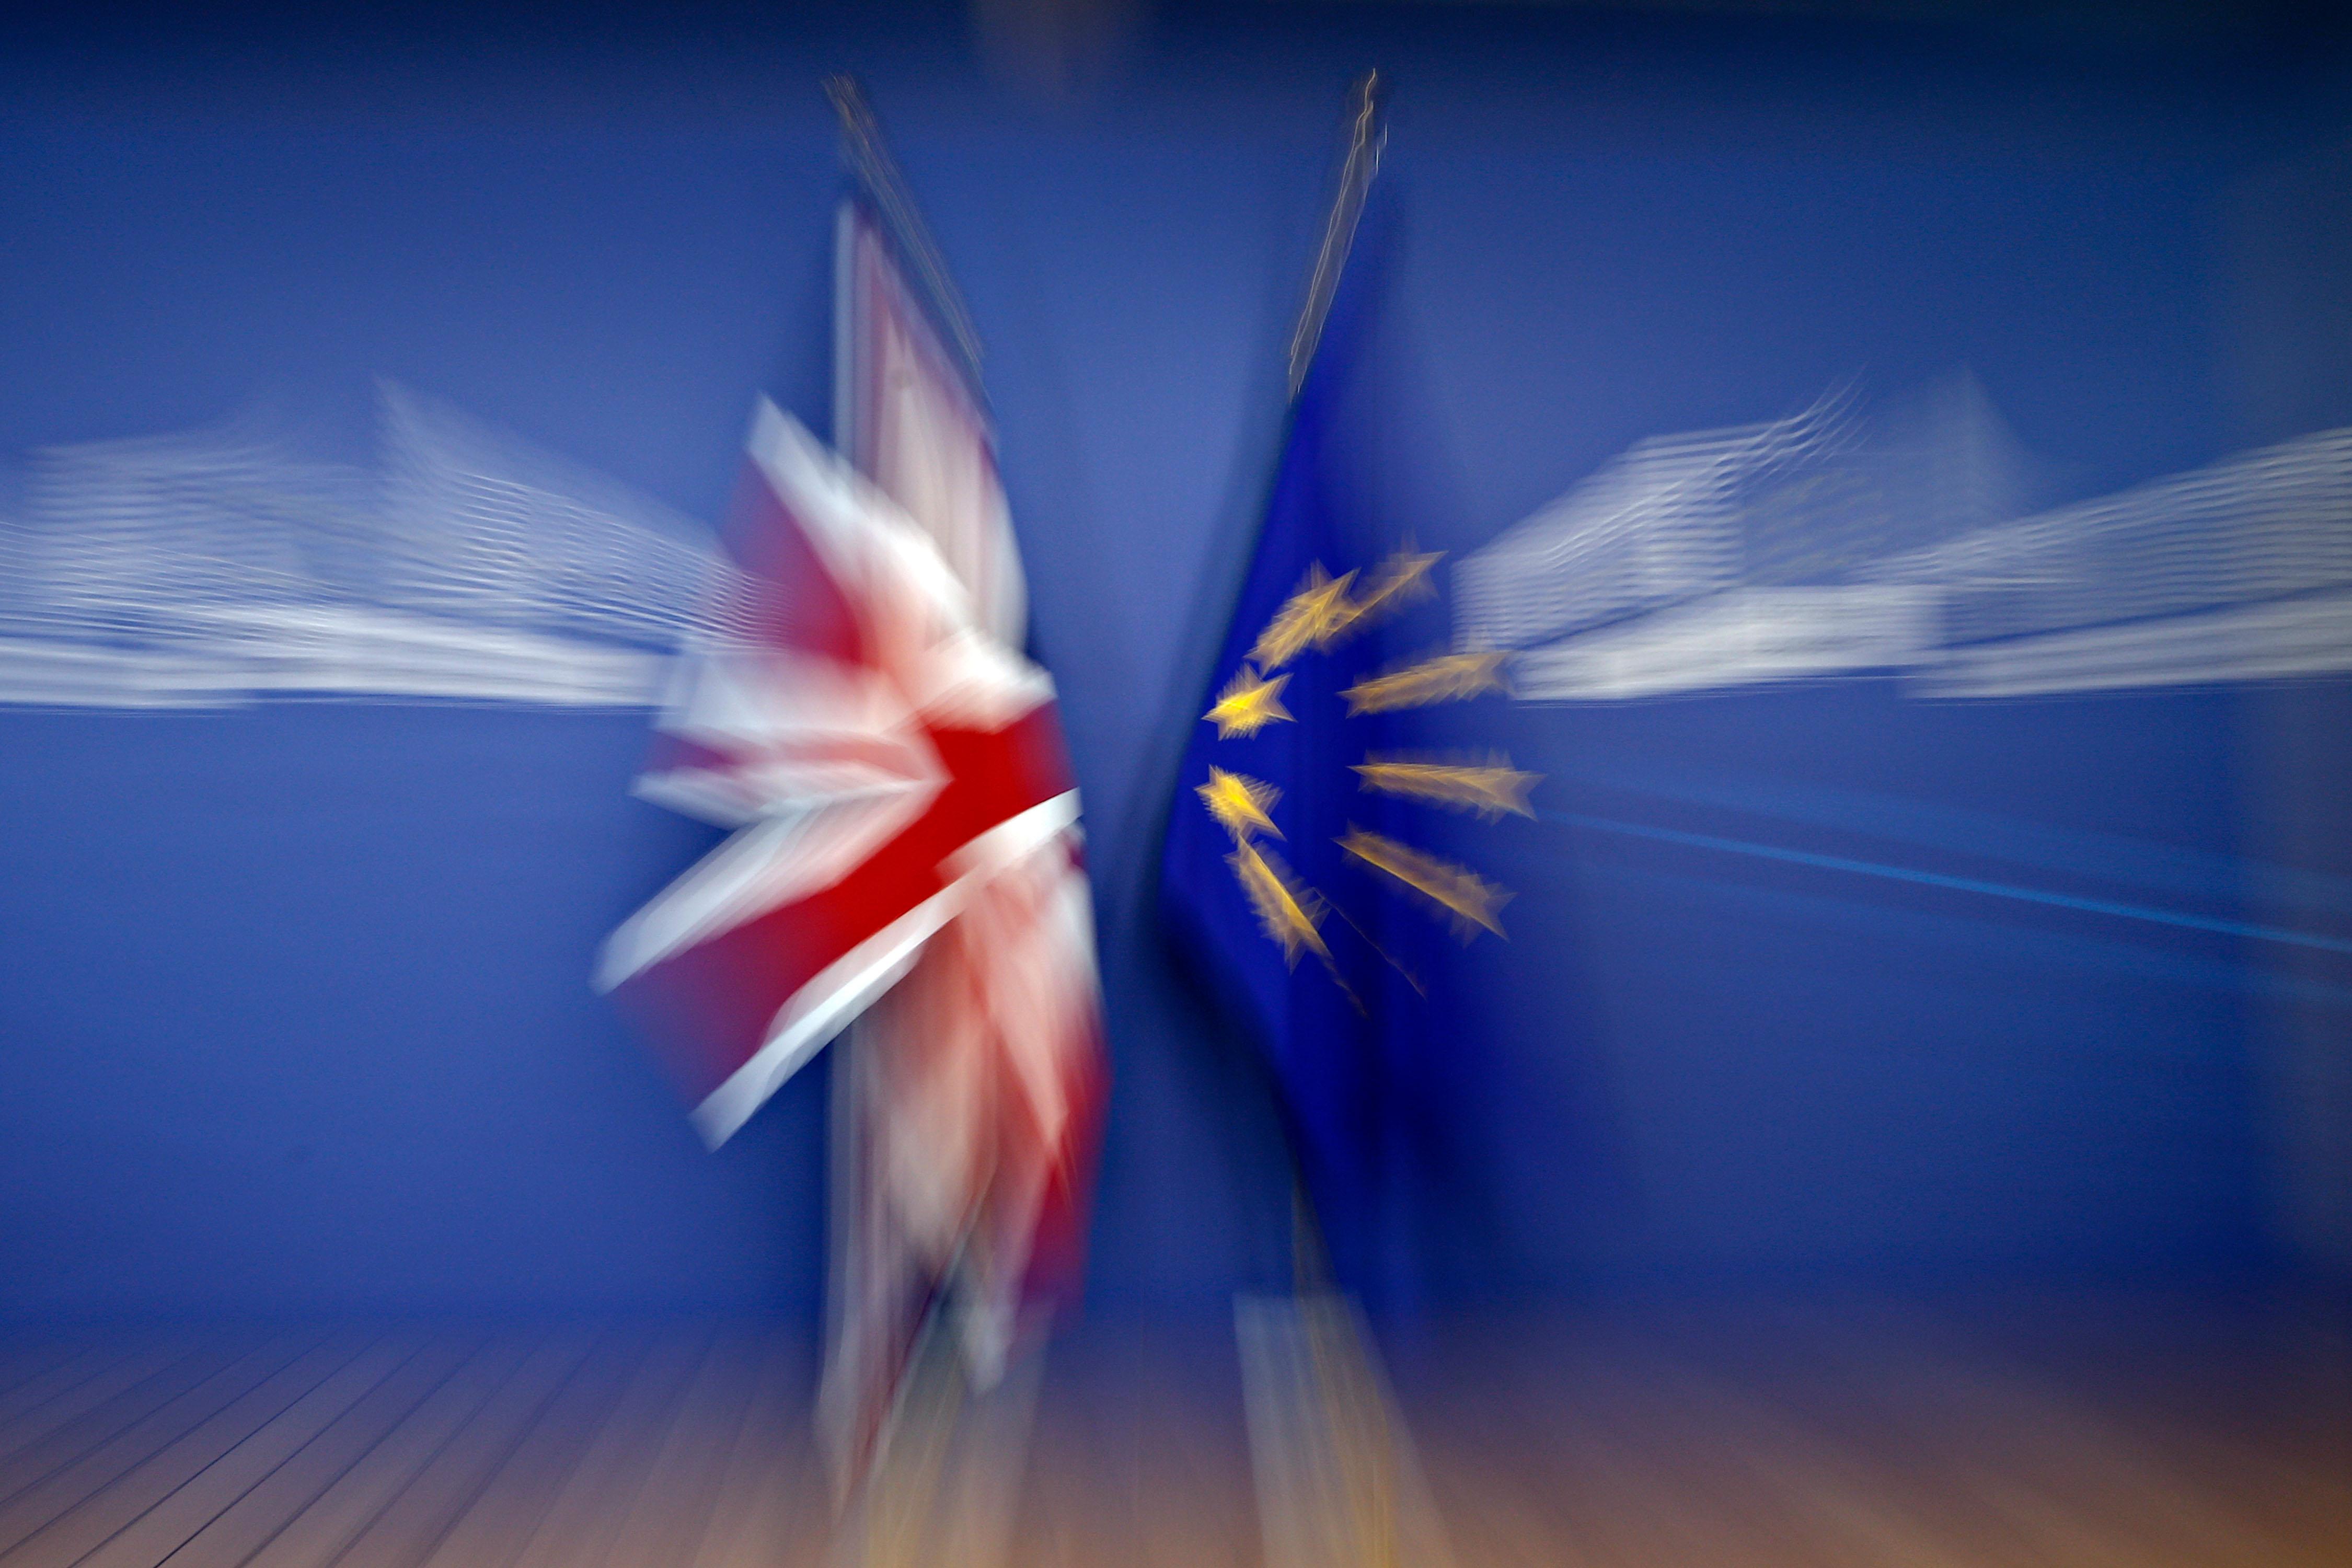 Brexit: Átmeneti vámuniót szeretnének a britek